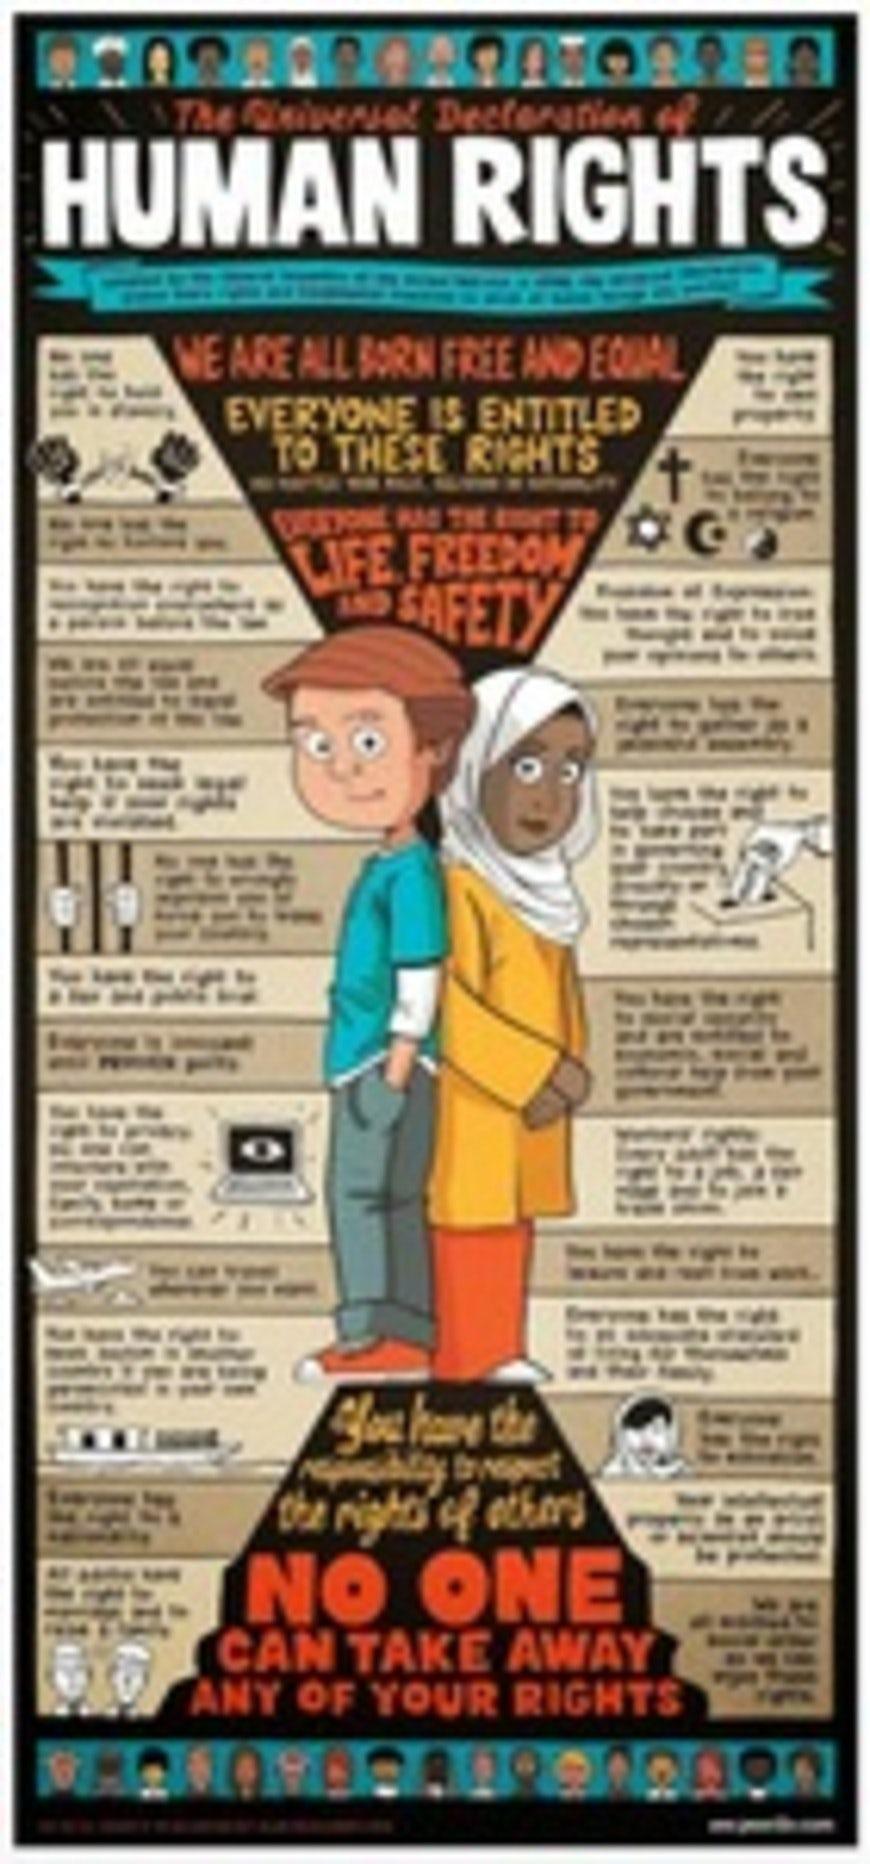 App universal declaration of human rights 1 .jpg?ixlib=rails 0.3